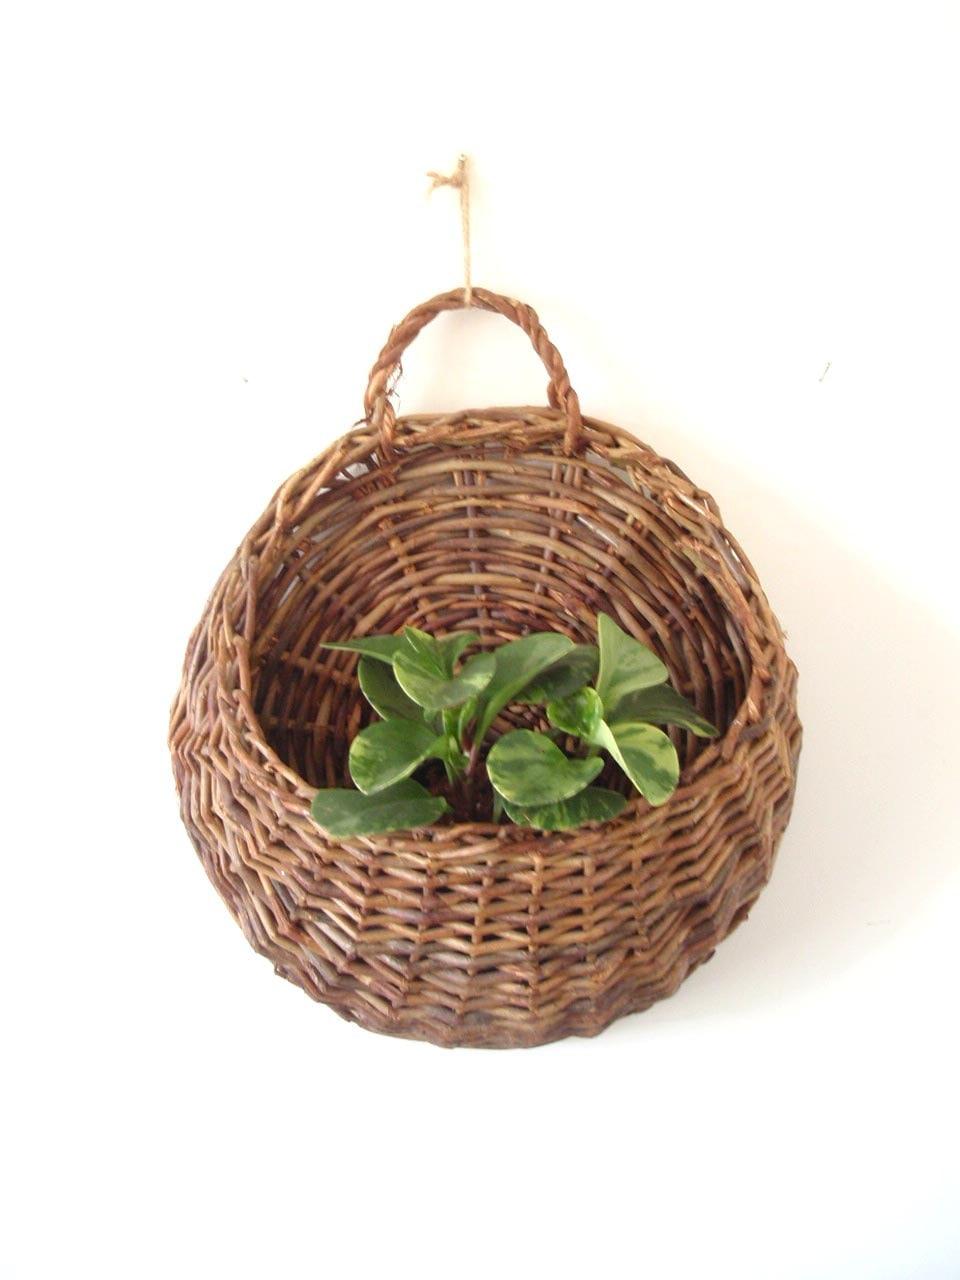 Large Boho Woven Willow Wall Basket/ Round Hanging Basket